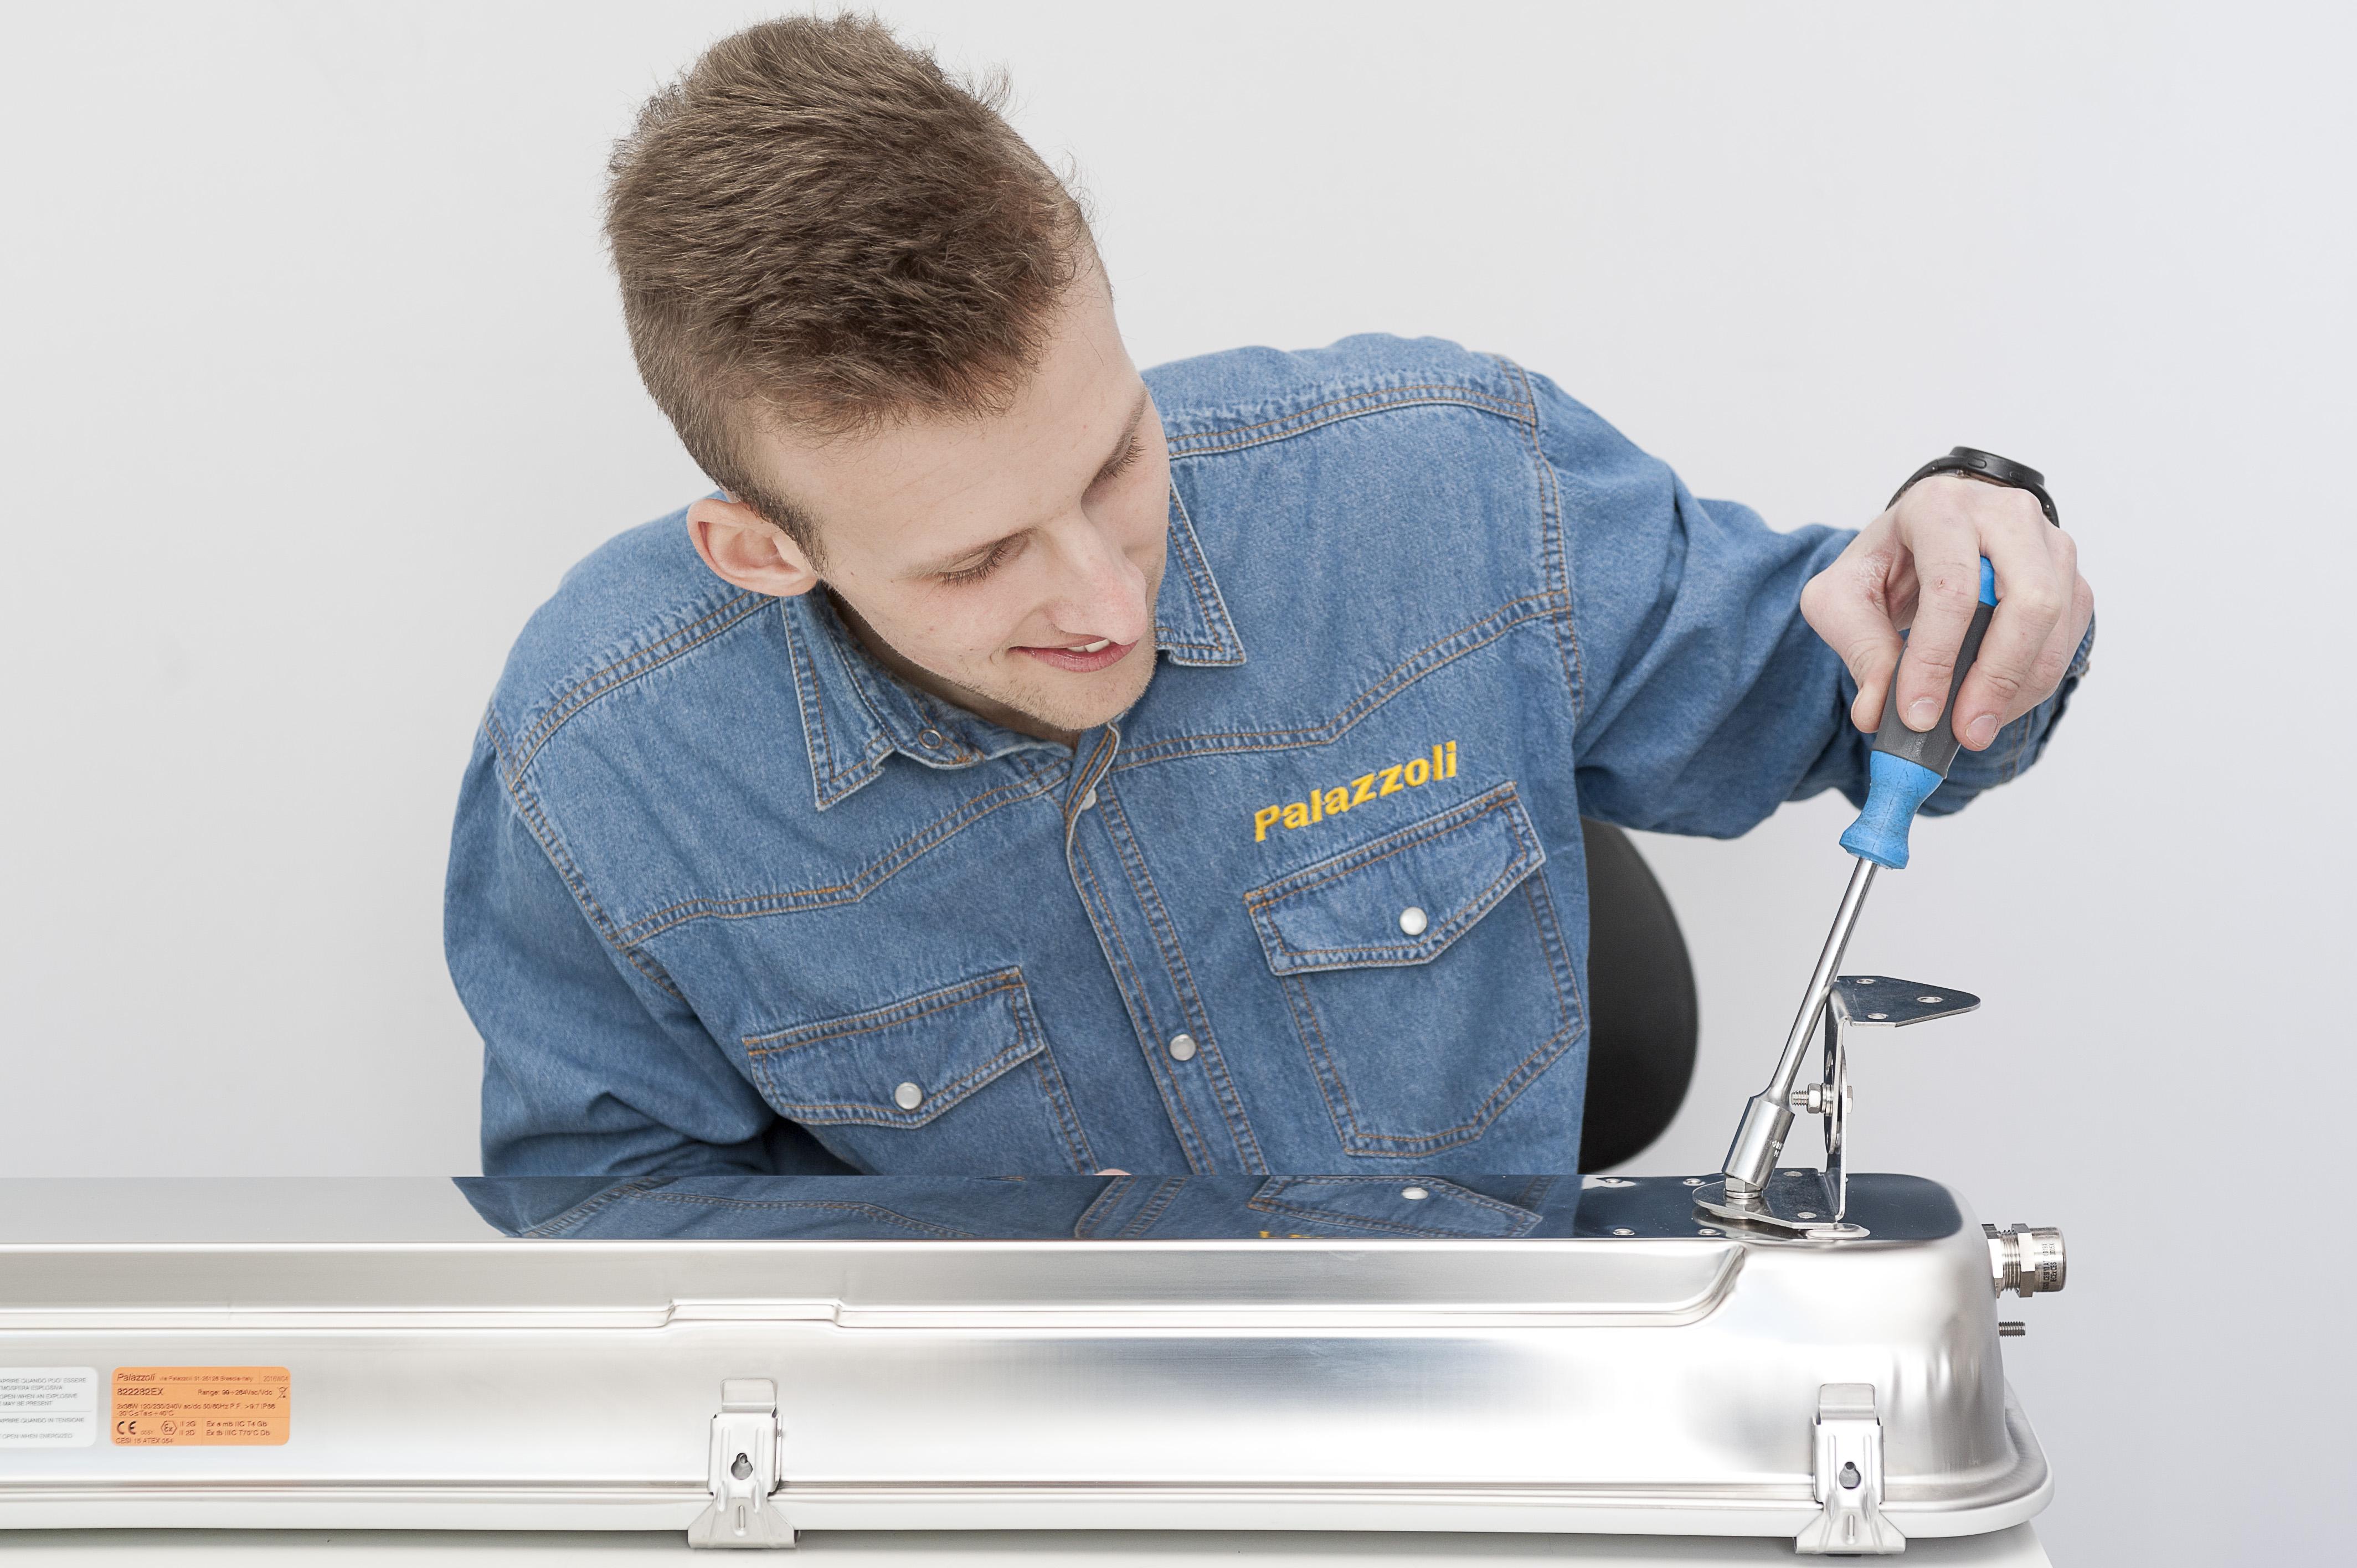 Ganci Per Vetro Plafoniere : Plafoniere sicure per laboratori e officine elettro